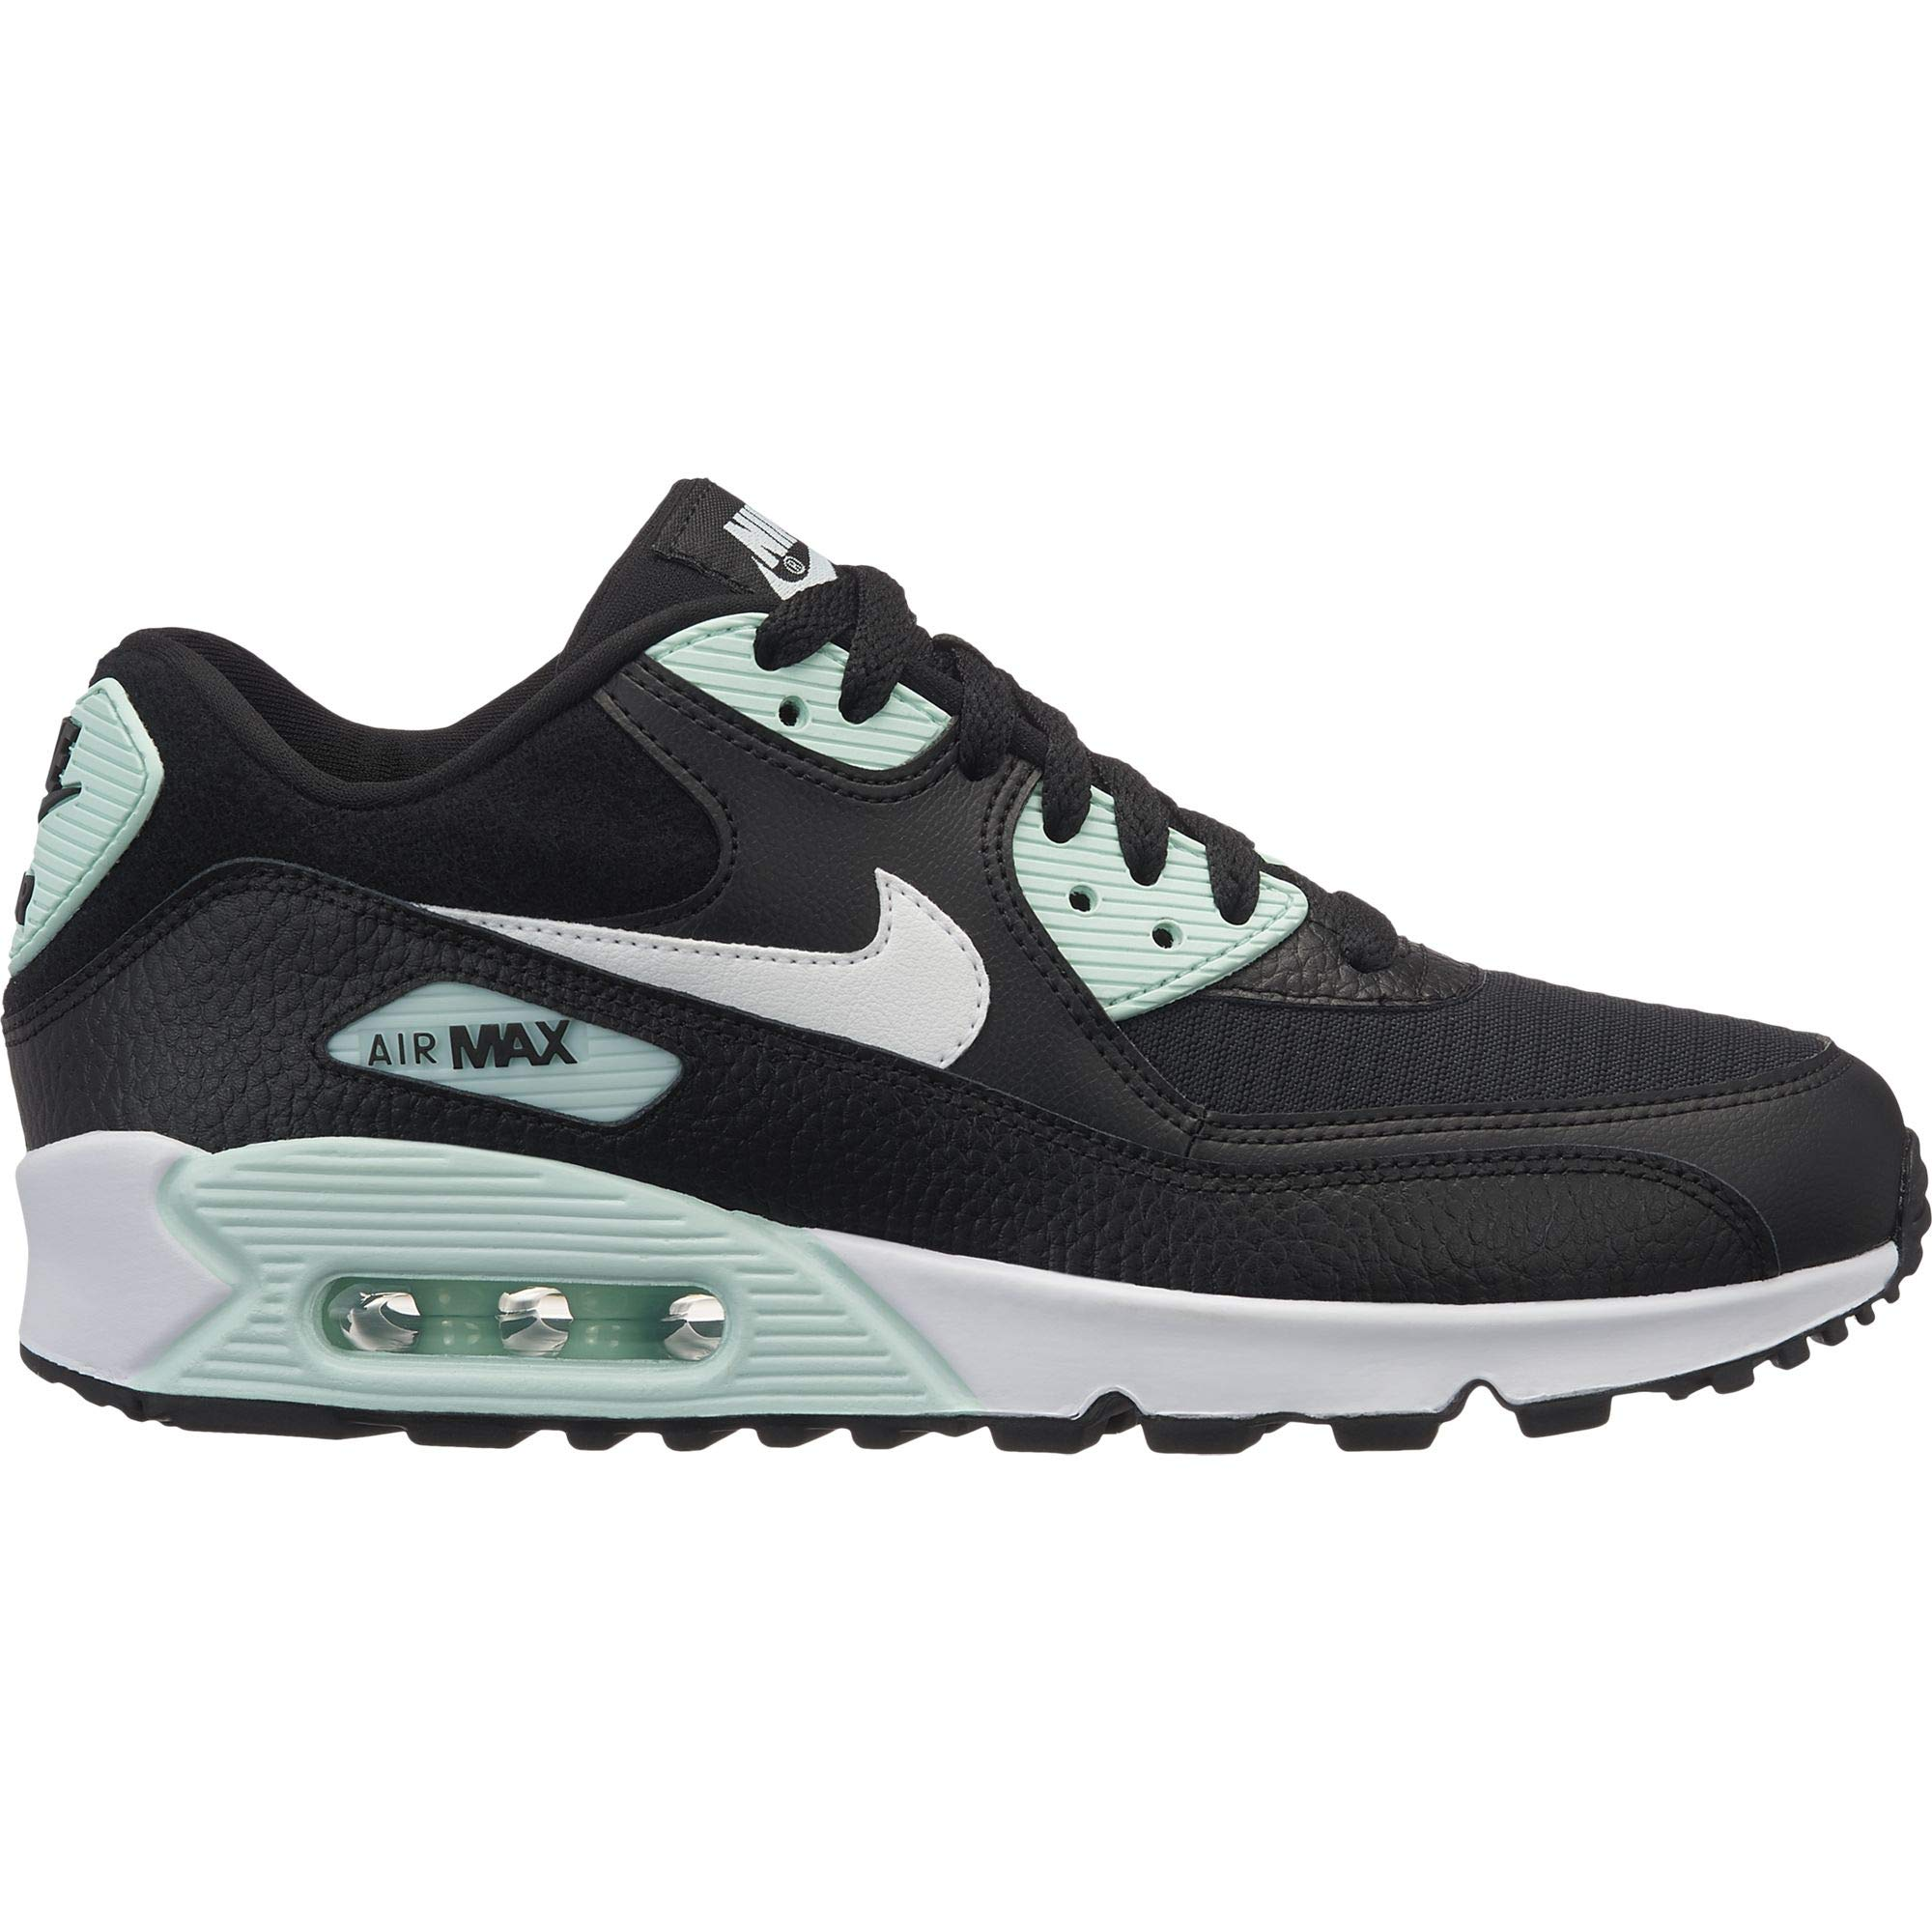 NIKE Women s Air Max Axis Running Shoe fbc970e73